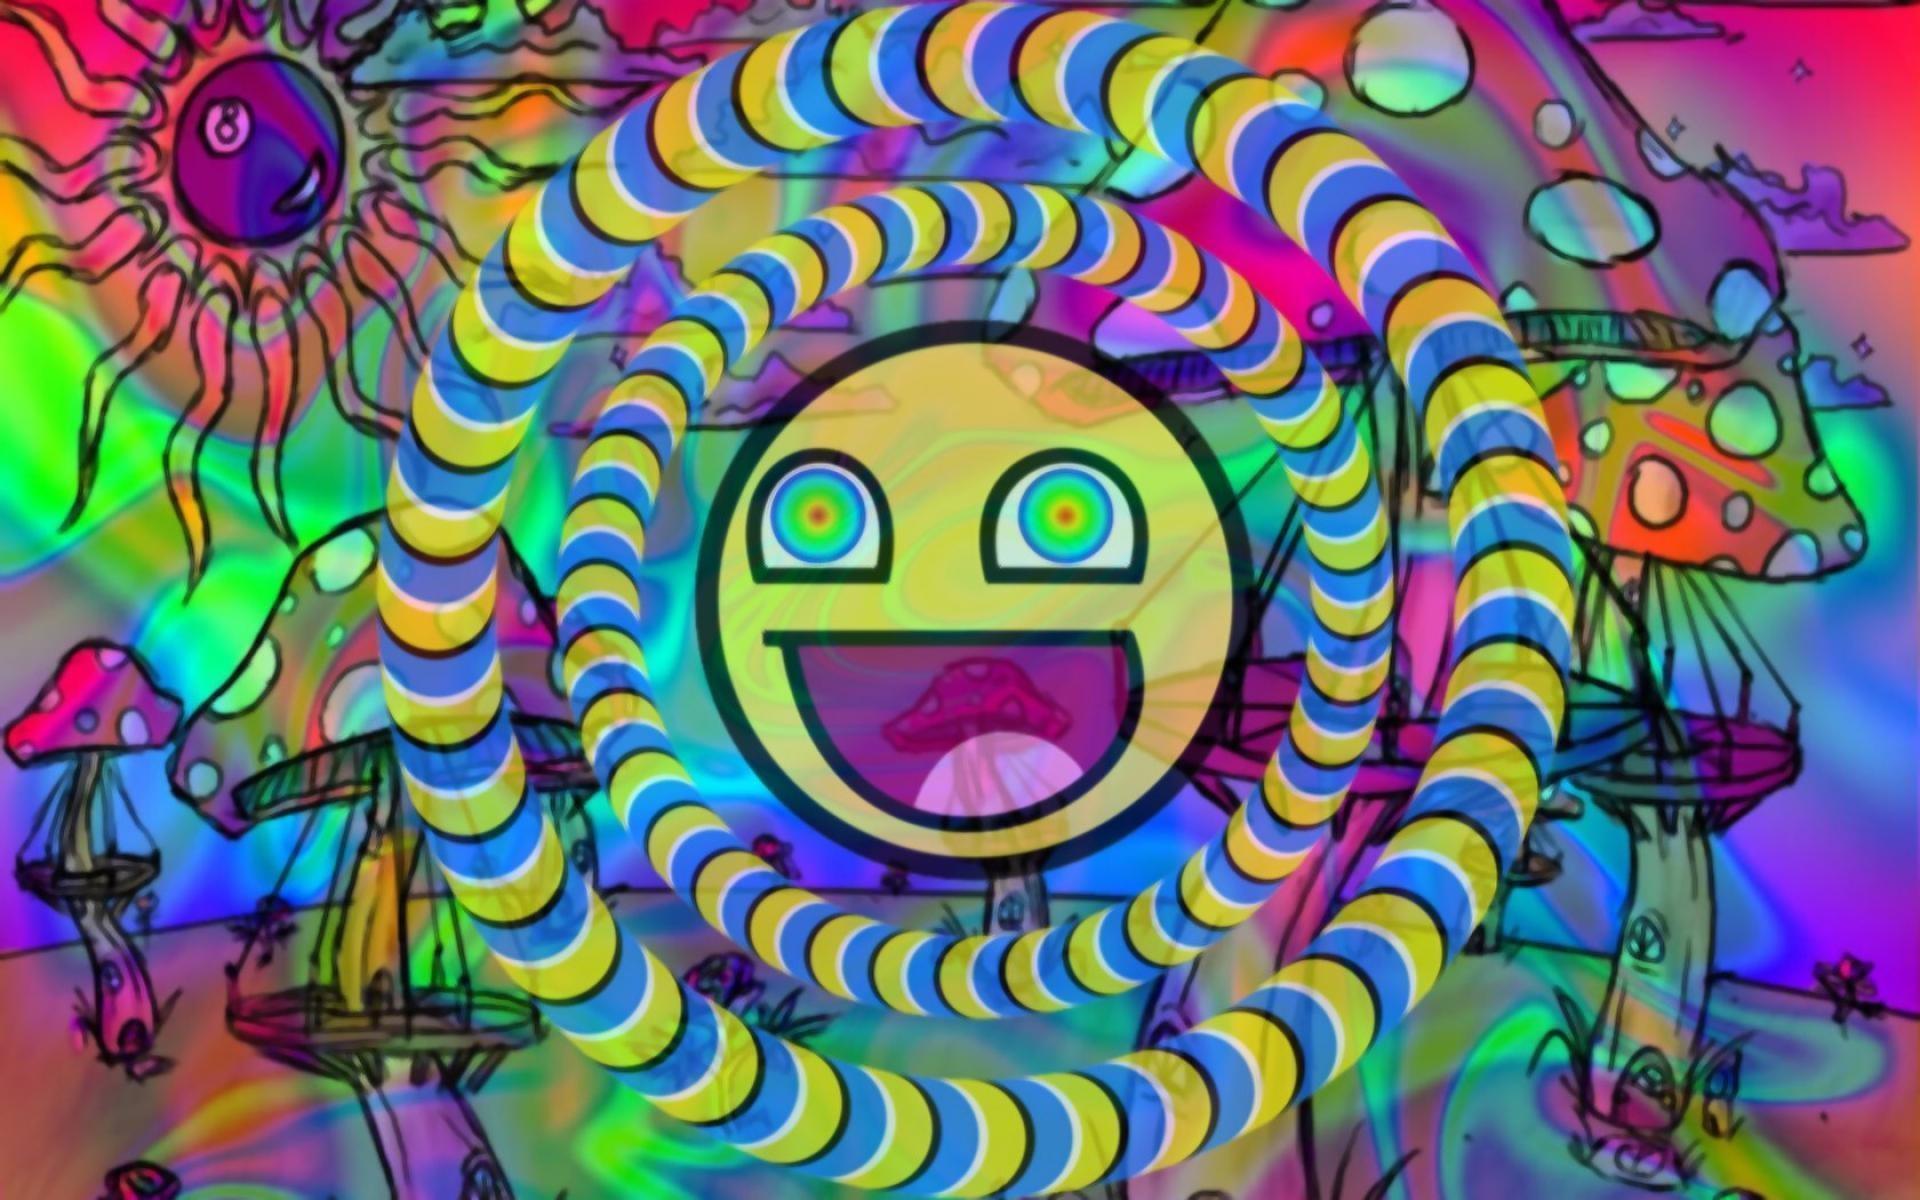 Acid Trip Backgrounds – WallpaperSafari